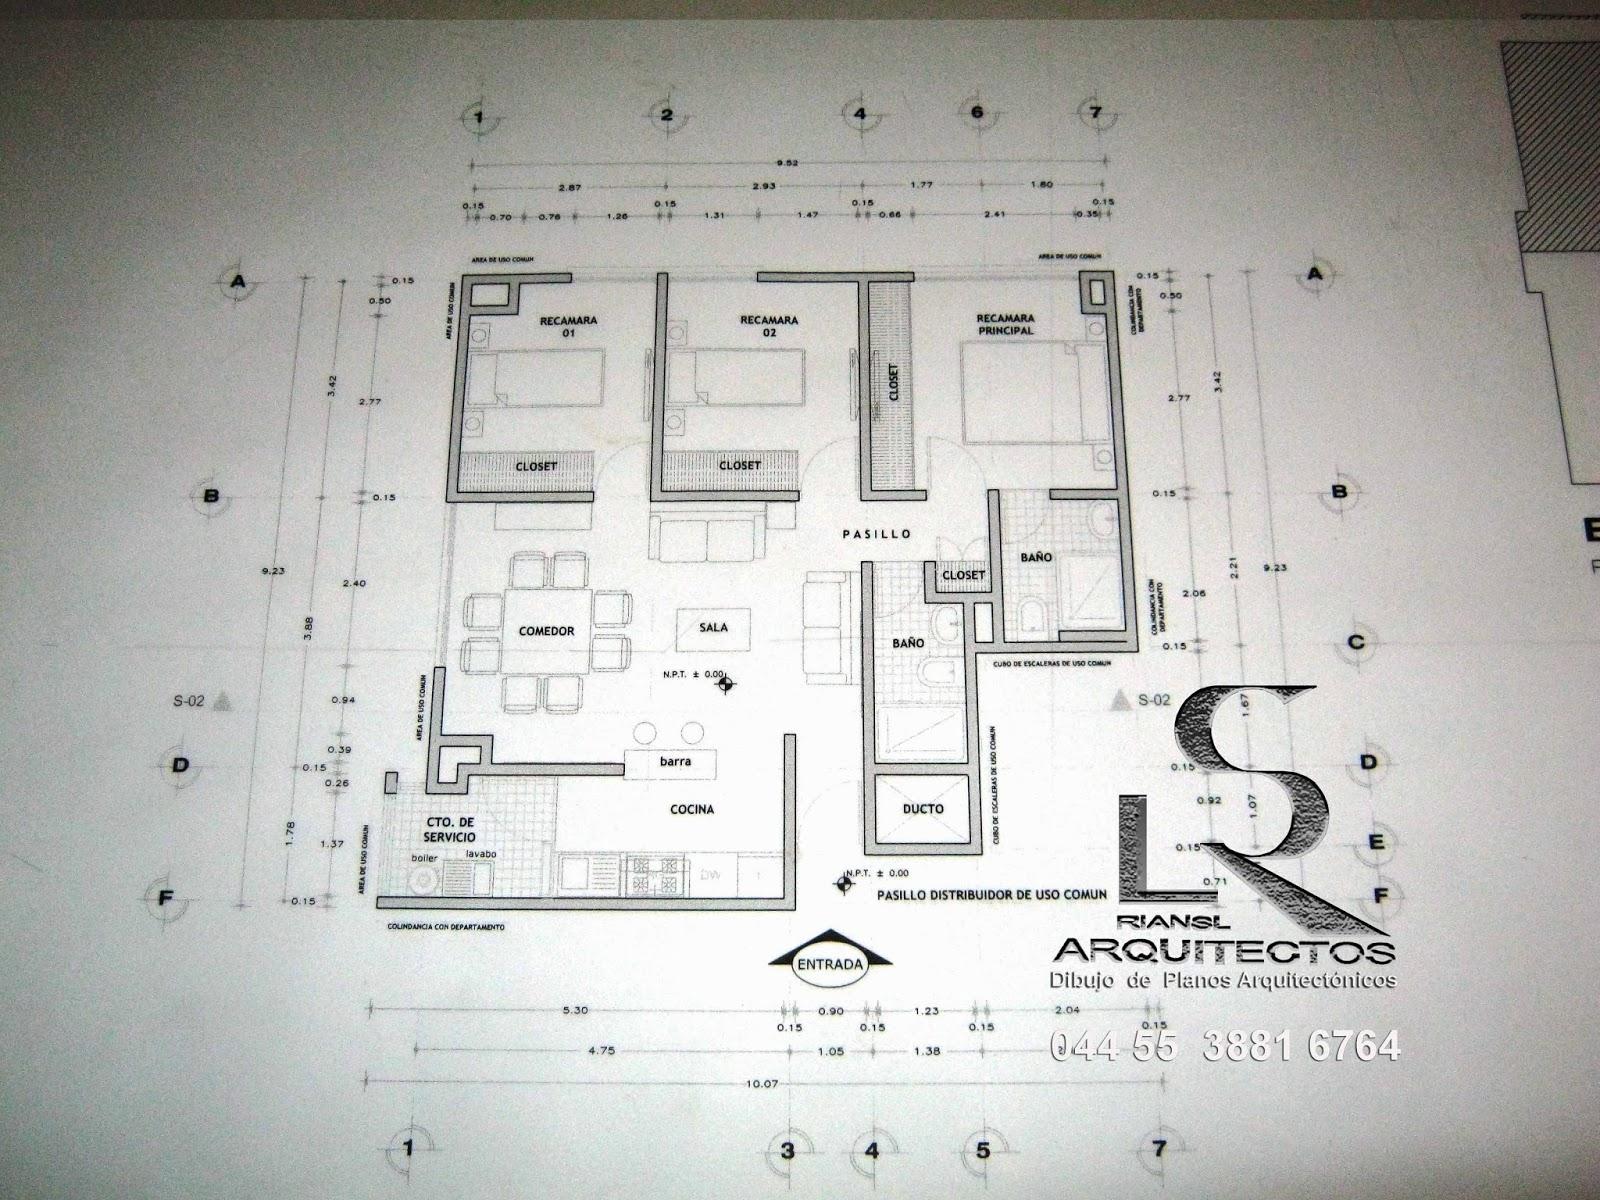 Arq rigoberto s nchez especialista en dibujo de planos for Simbologia de niveles en planos arquitectonicos